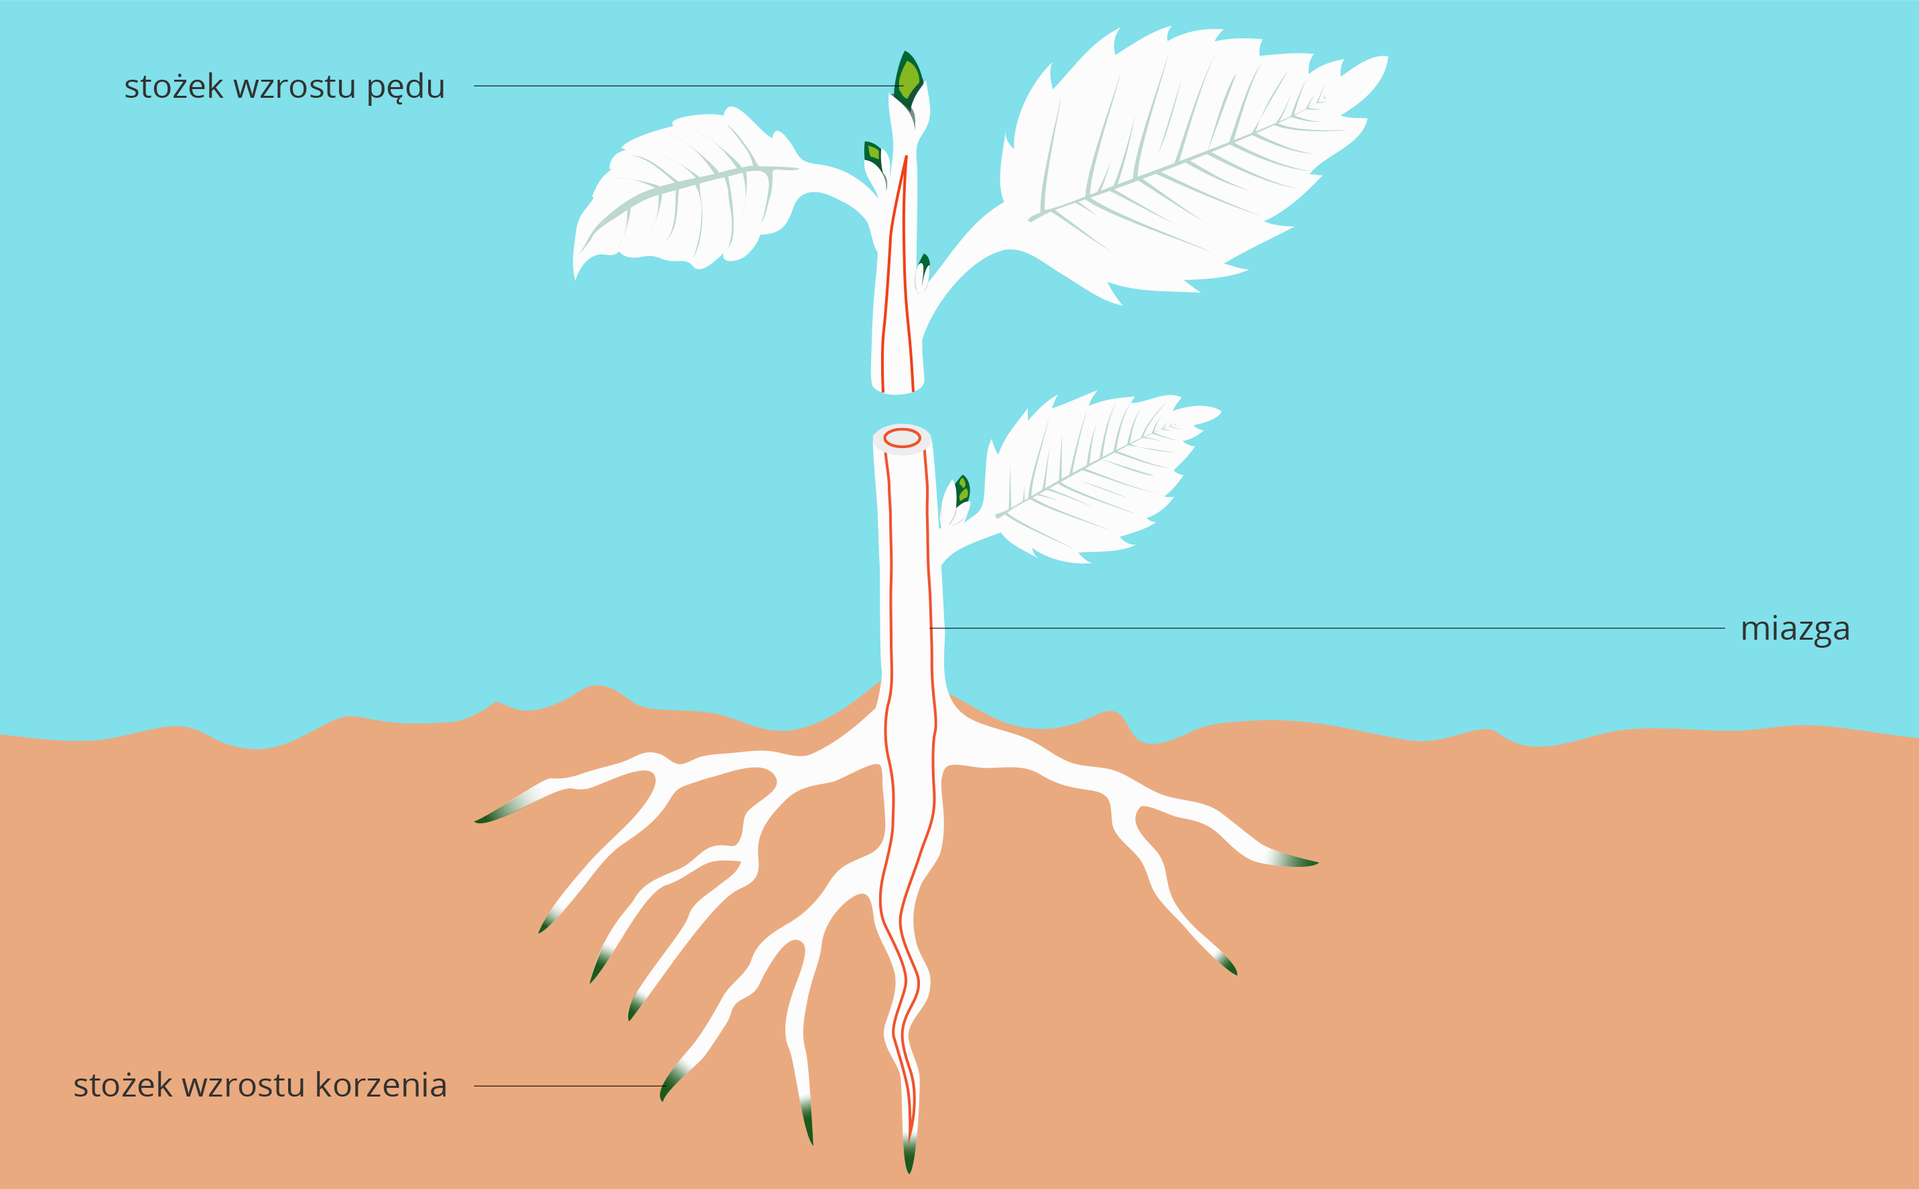 Schemat ilustrujący budowę pierwotną rośliny. Roślina umieszczona wpodłożu, na czerwono zaznaczono położenie tkanek twórczych bocznych, na zielonu stożki wzrostu.